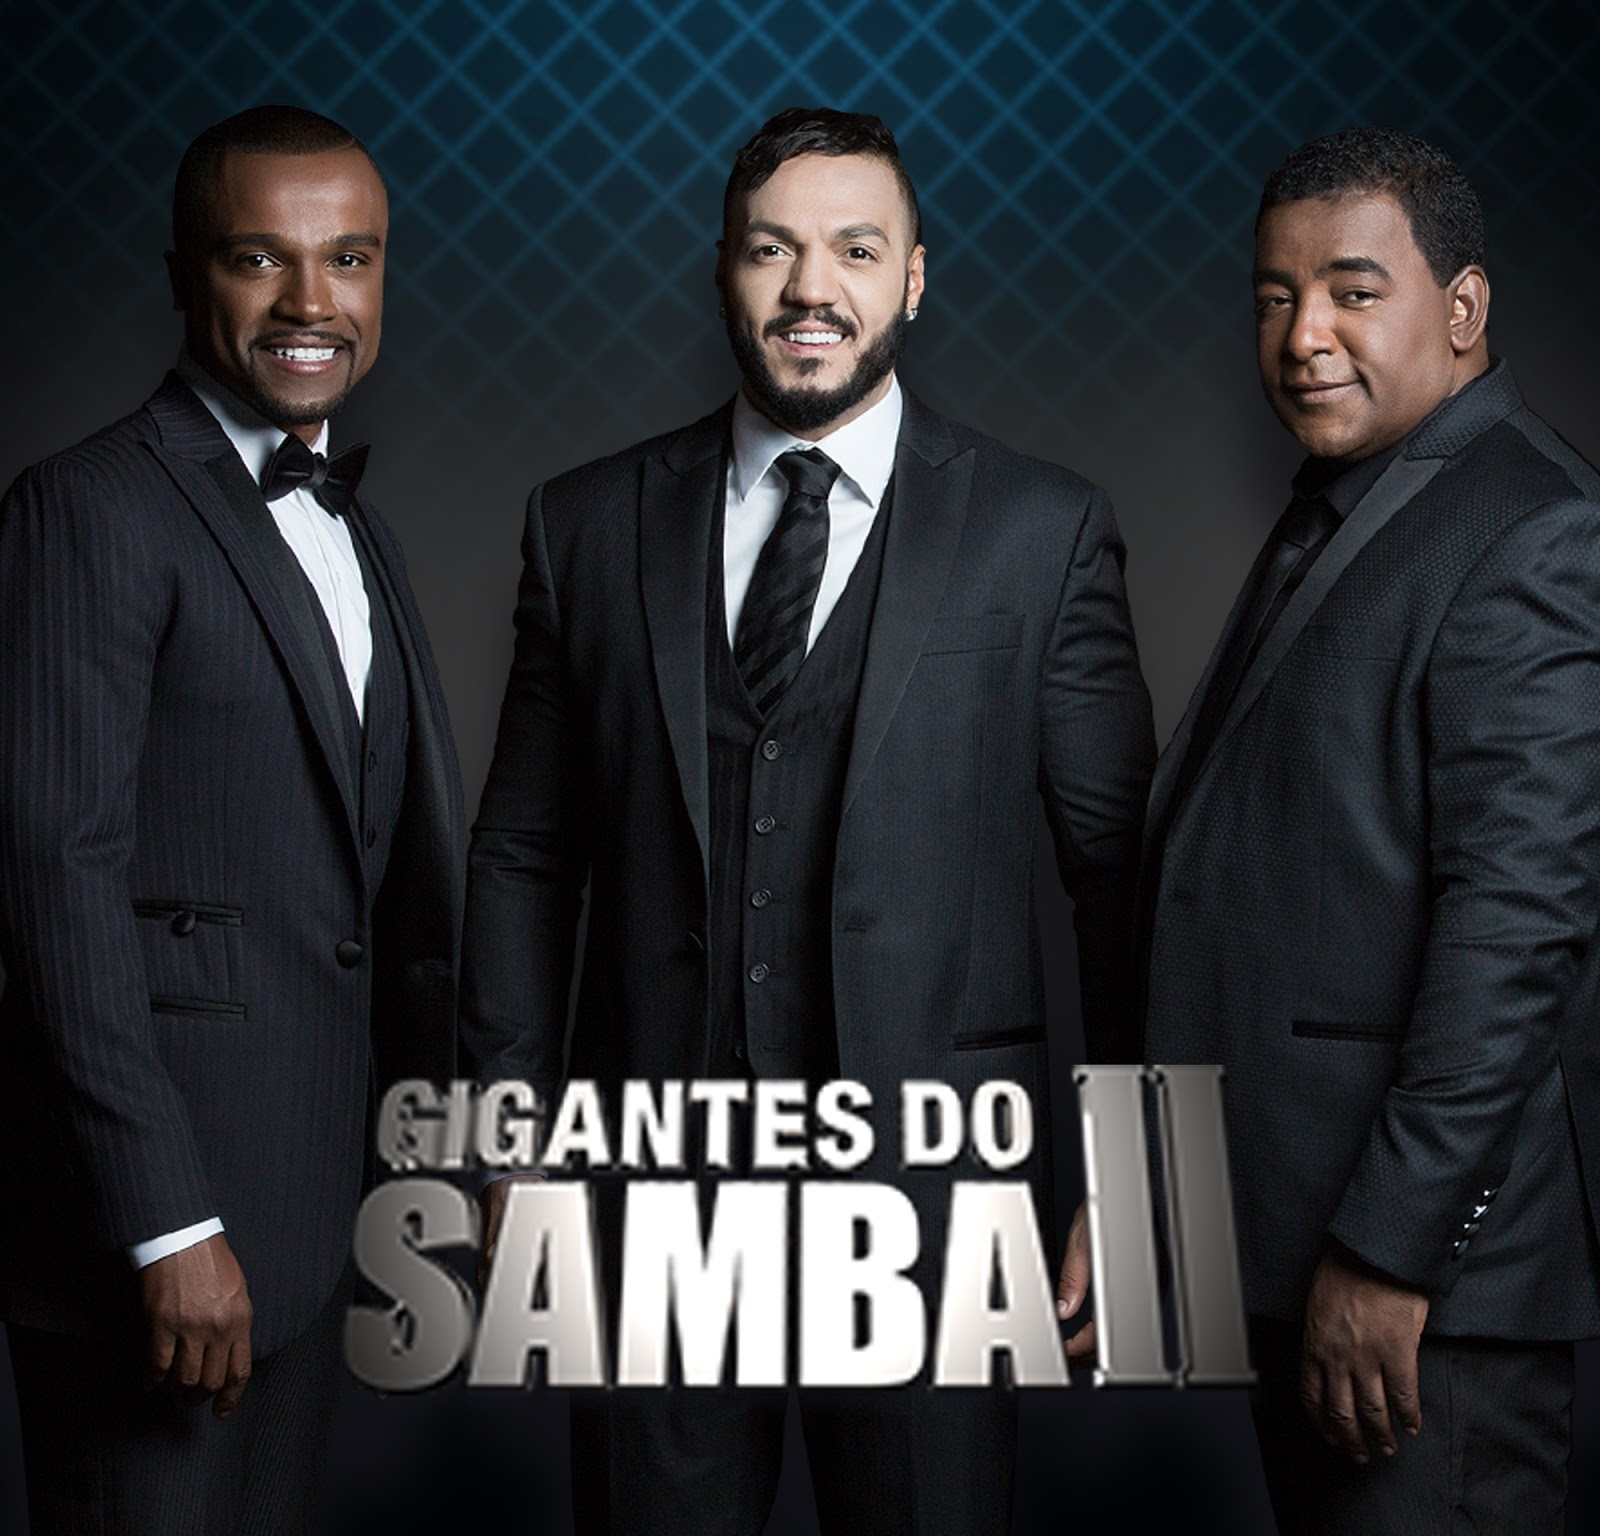 Baixar Música Gigantes do Samba 2